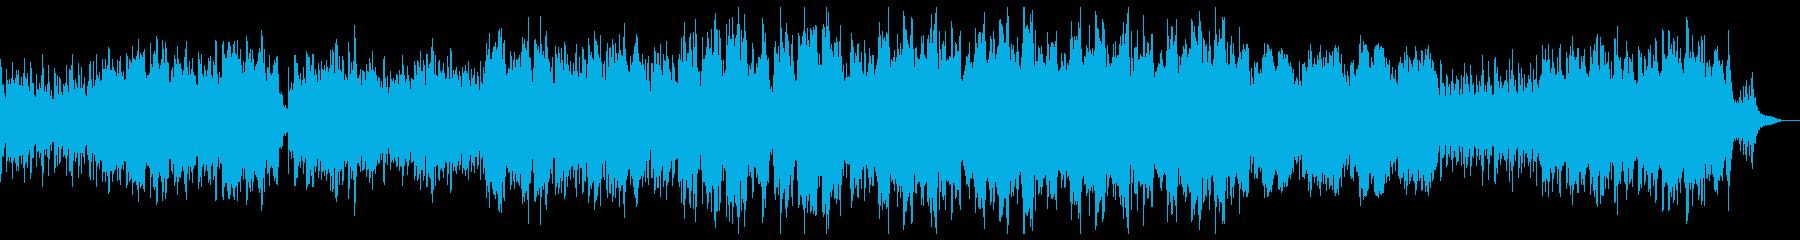 ゆったり感動的なシネマティックシンフォ。の再生済みの波形